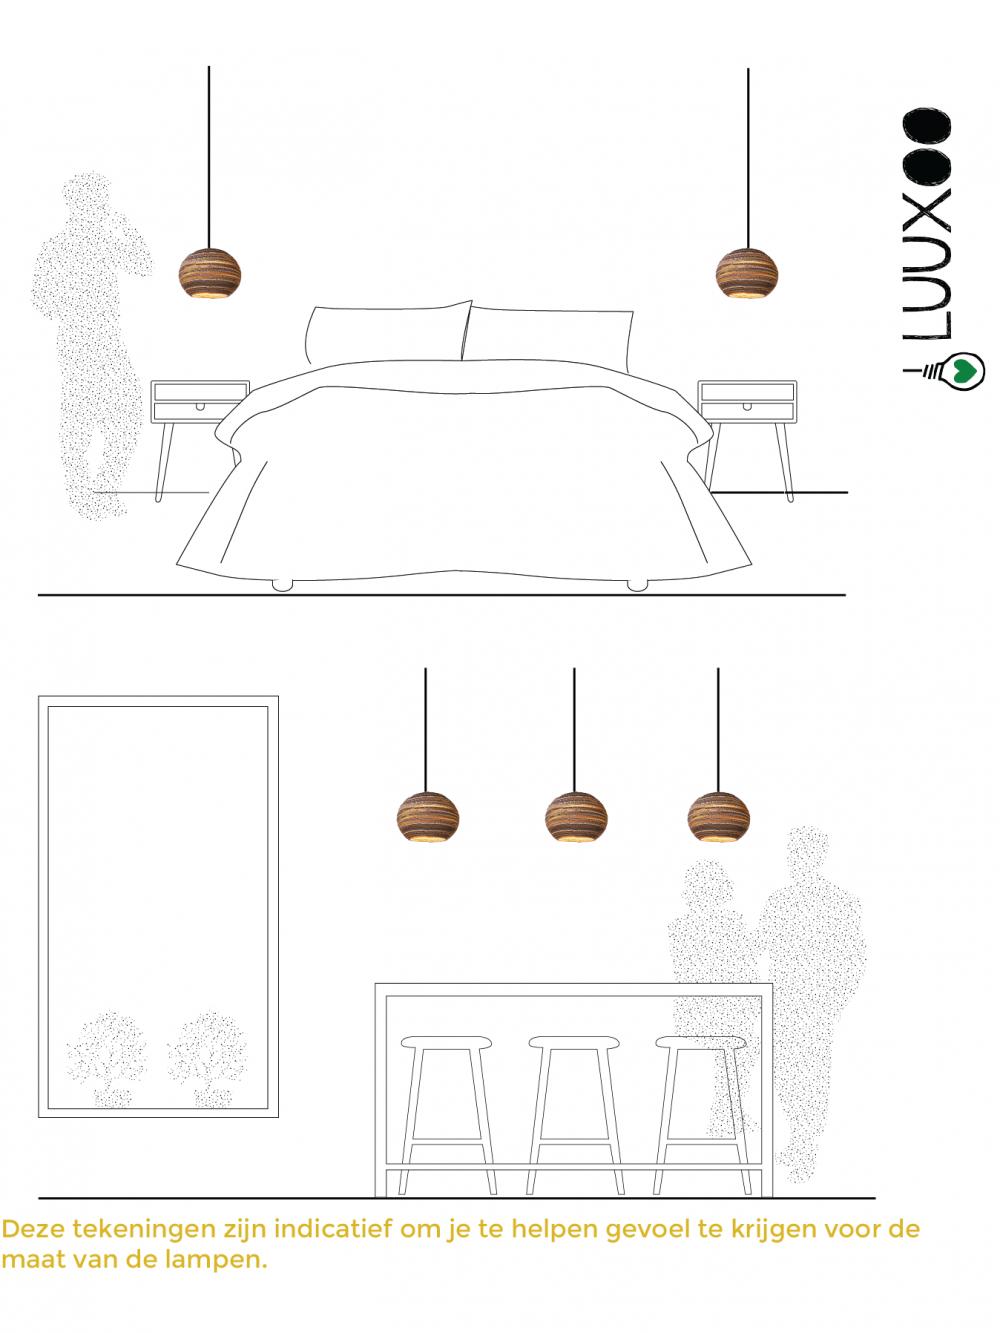 Kartonnen eettafel lamp CantaLight Luuxoo